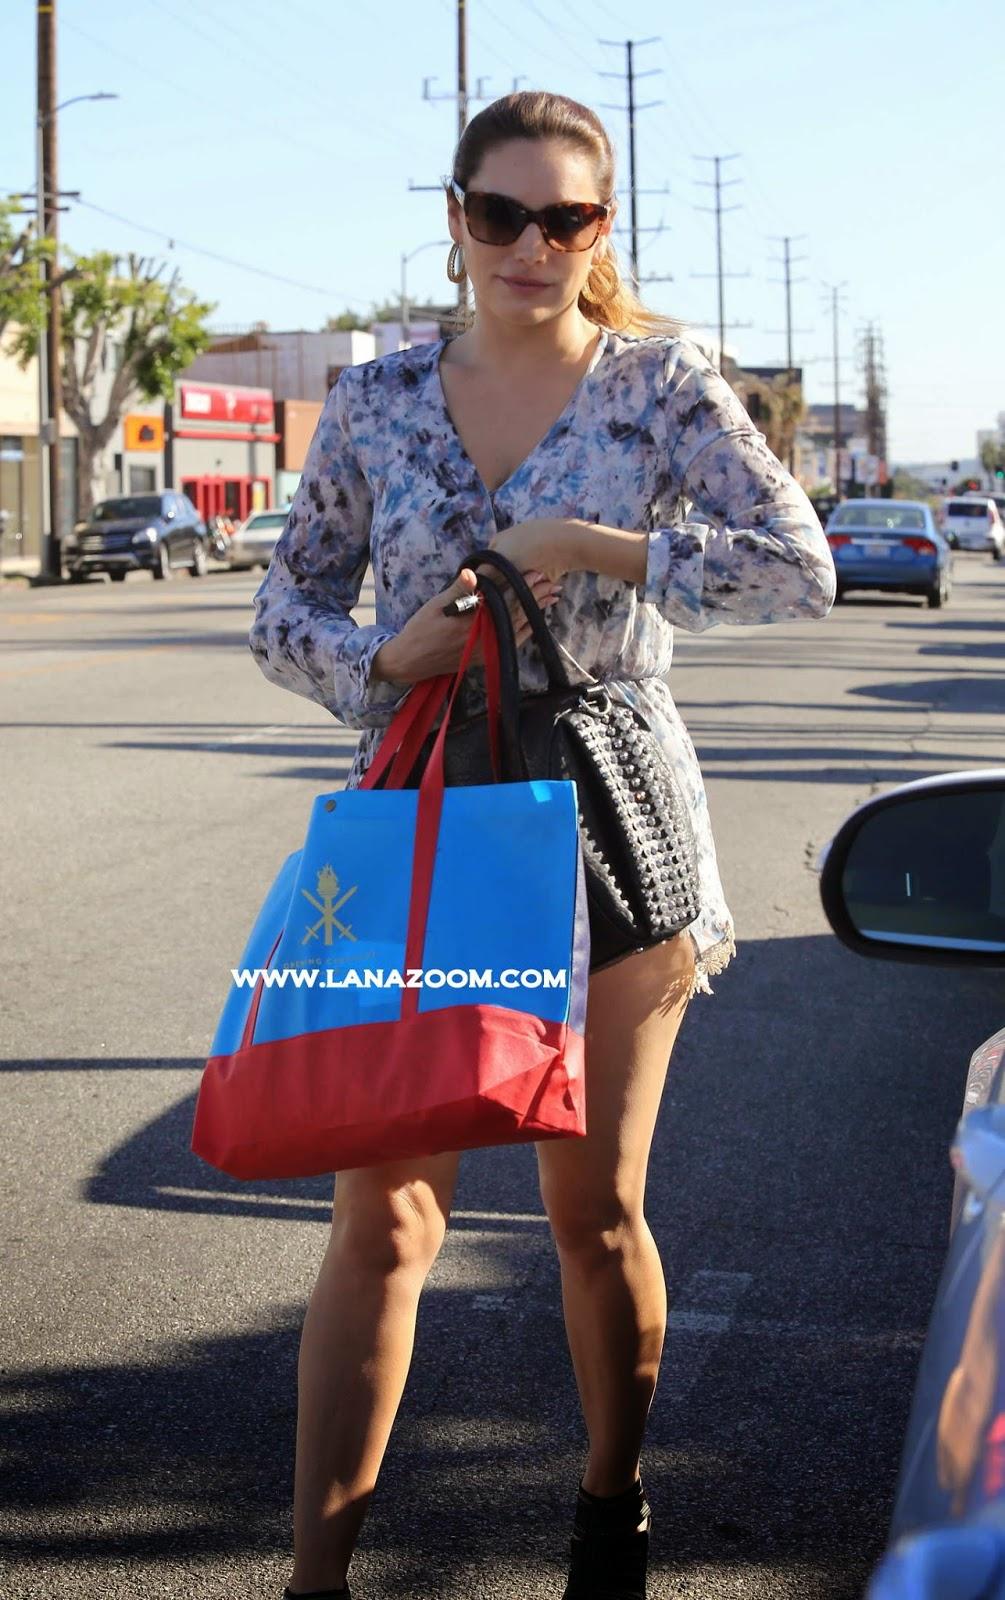 صور كيلي بروك تتنزه في لوس انجلوس بفستان قصير